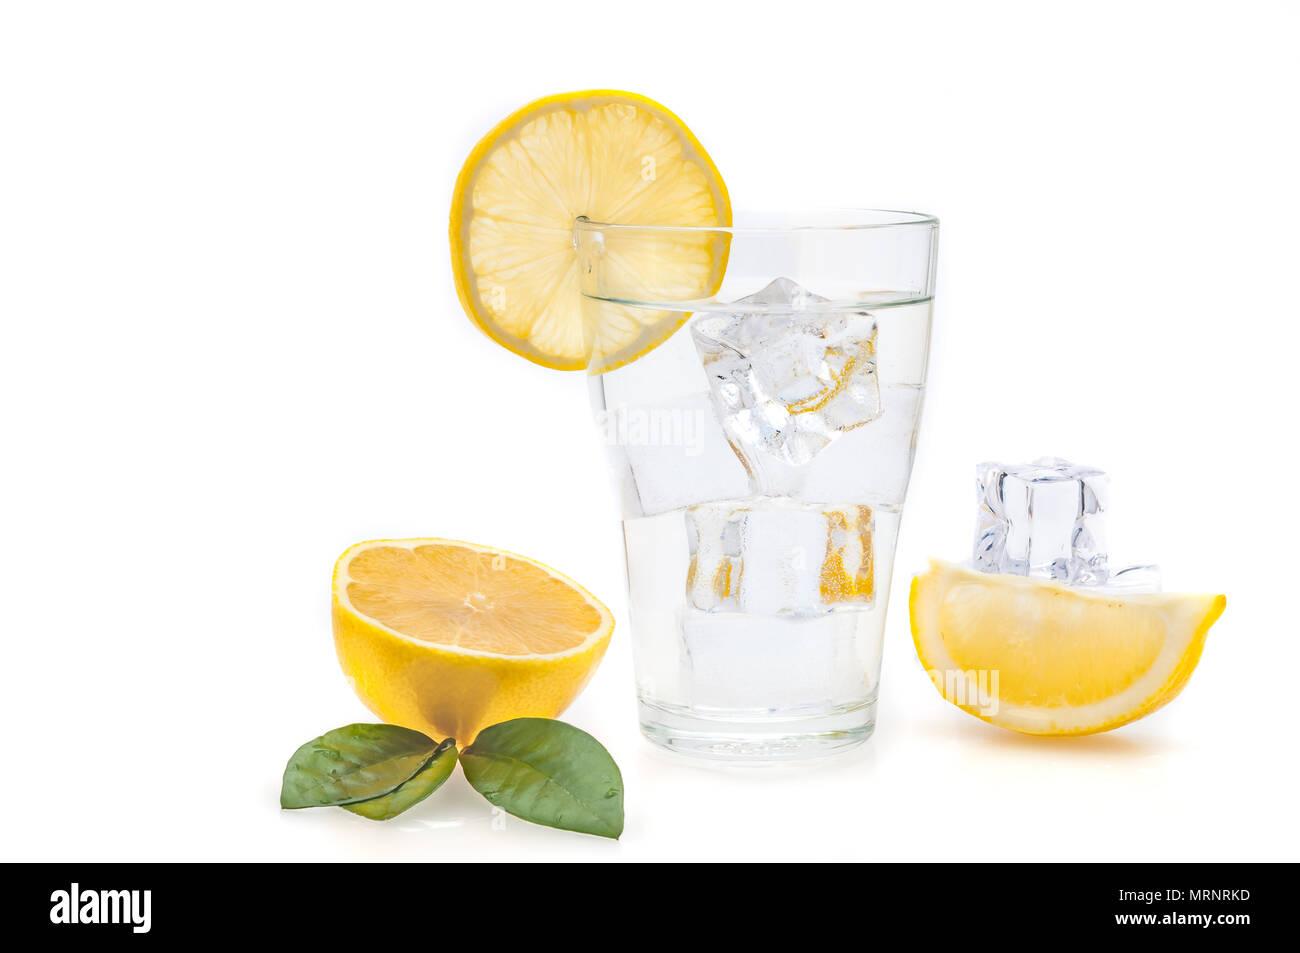 Acqua e limone e cubetti di ghiaccio in un bicchiere. Le fette di limone e lino accanto a un vetro. Immagini Stock